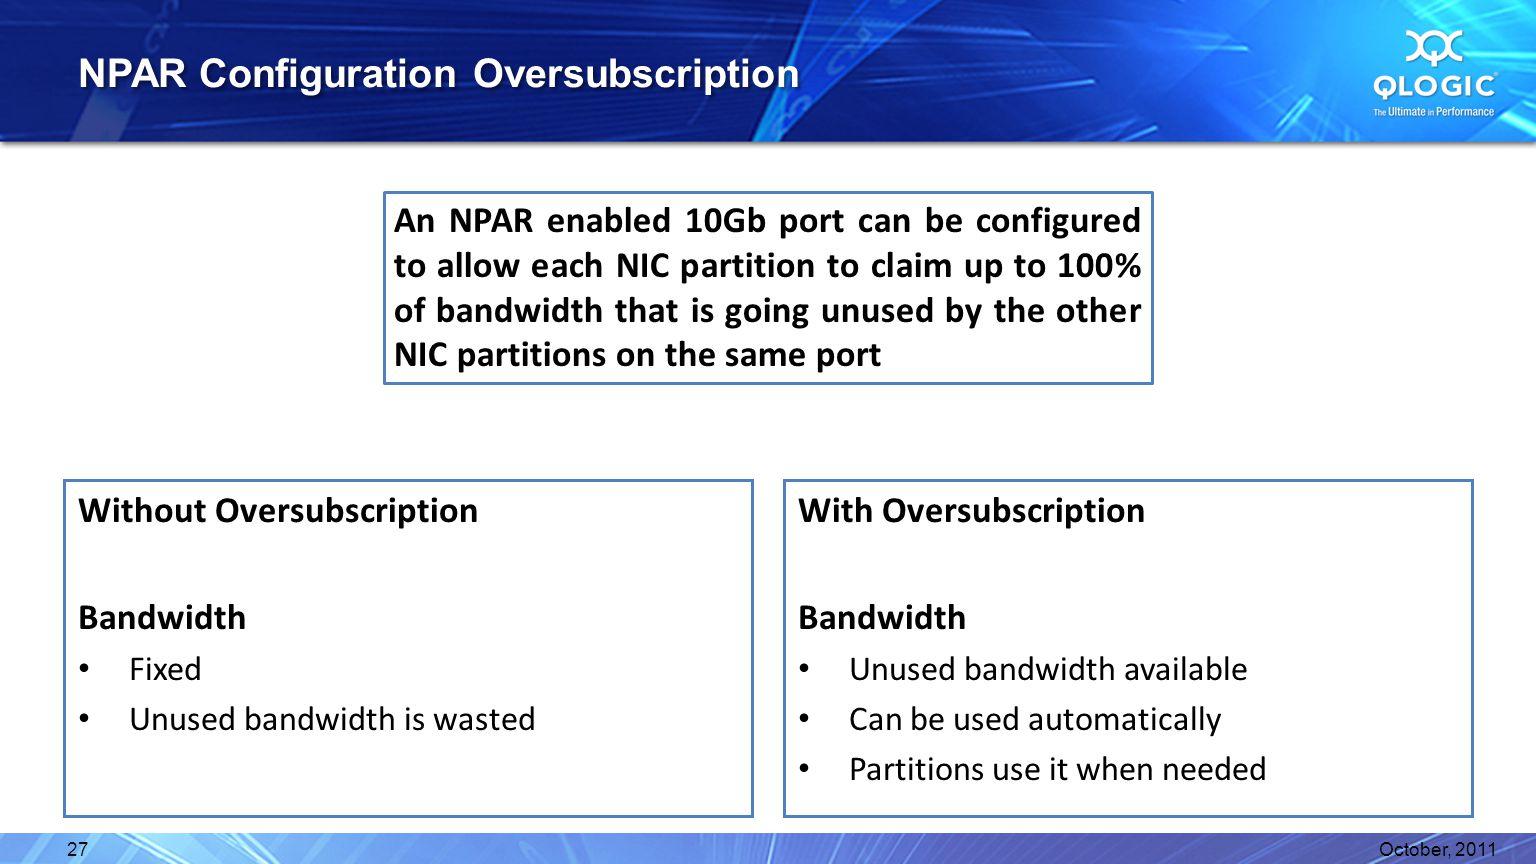 NPAR Configuration Oversubscription